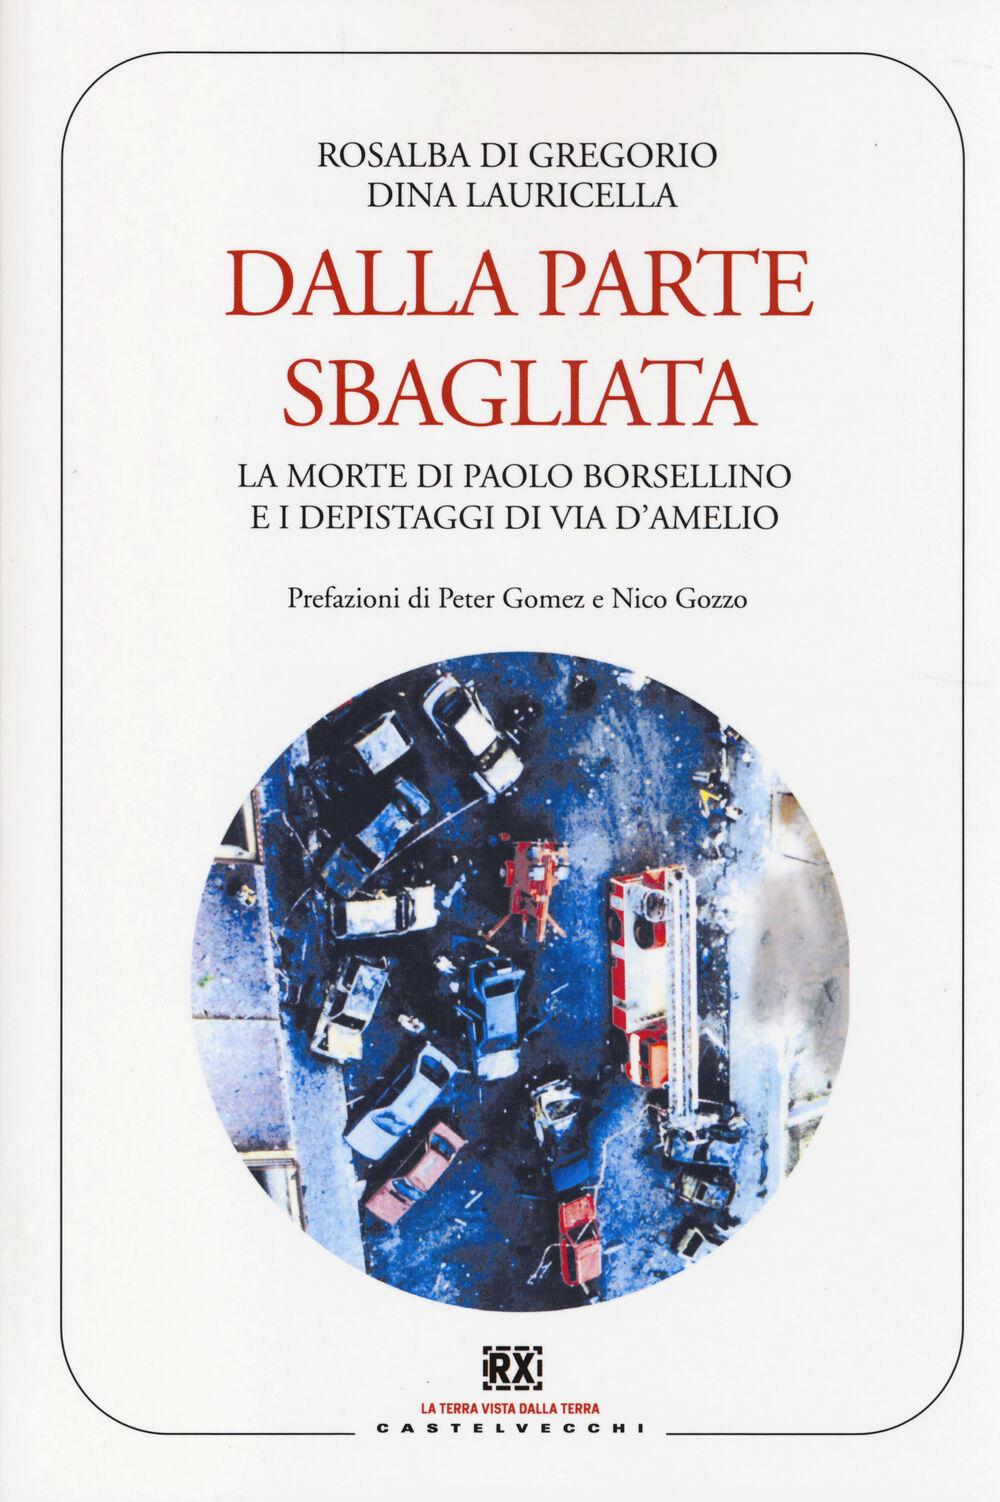 Dalla parte sbagliata. La morte di Paolo Borsellino e i depistaggi di Via D'Amelio